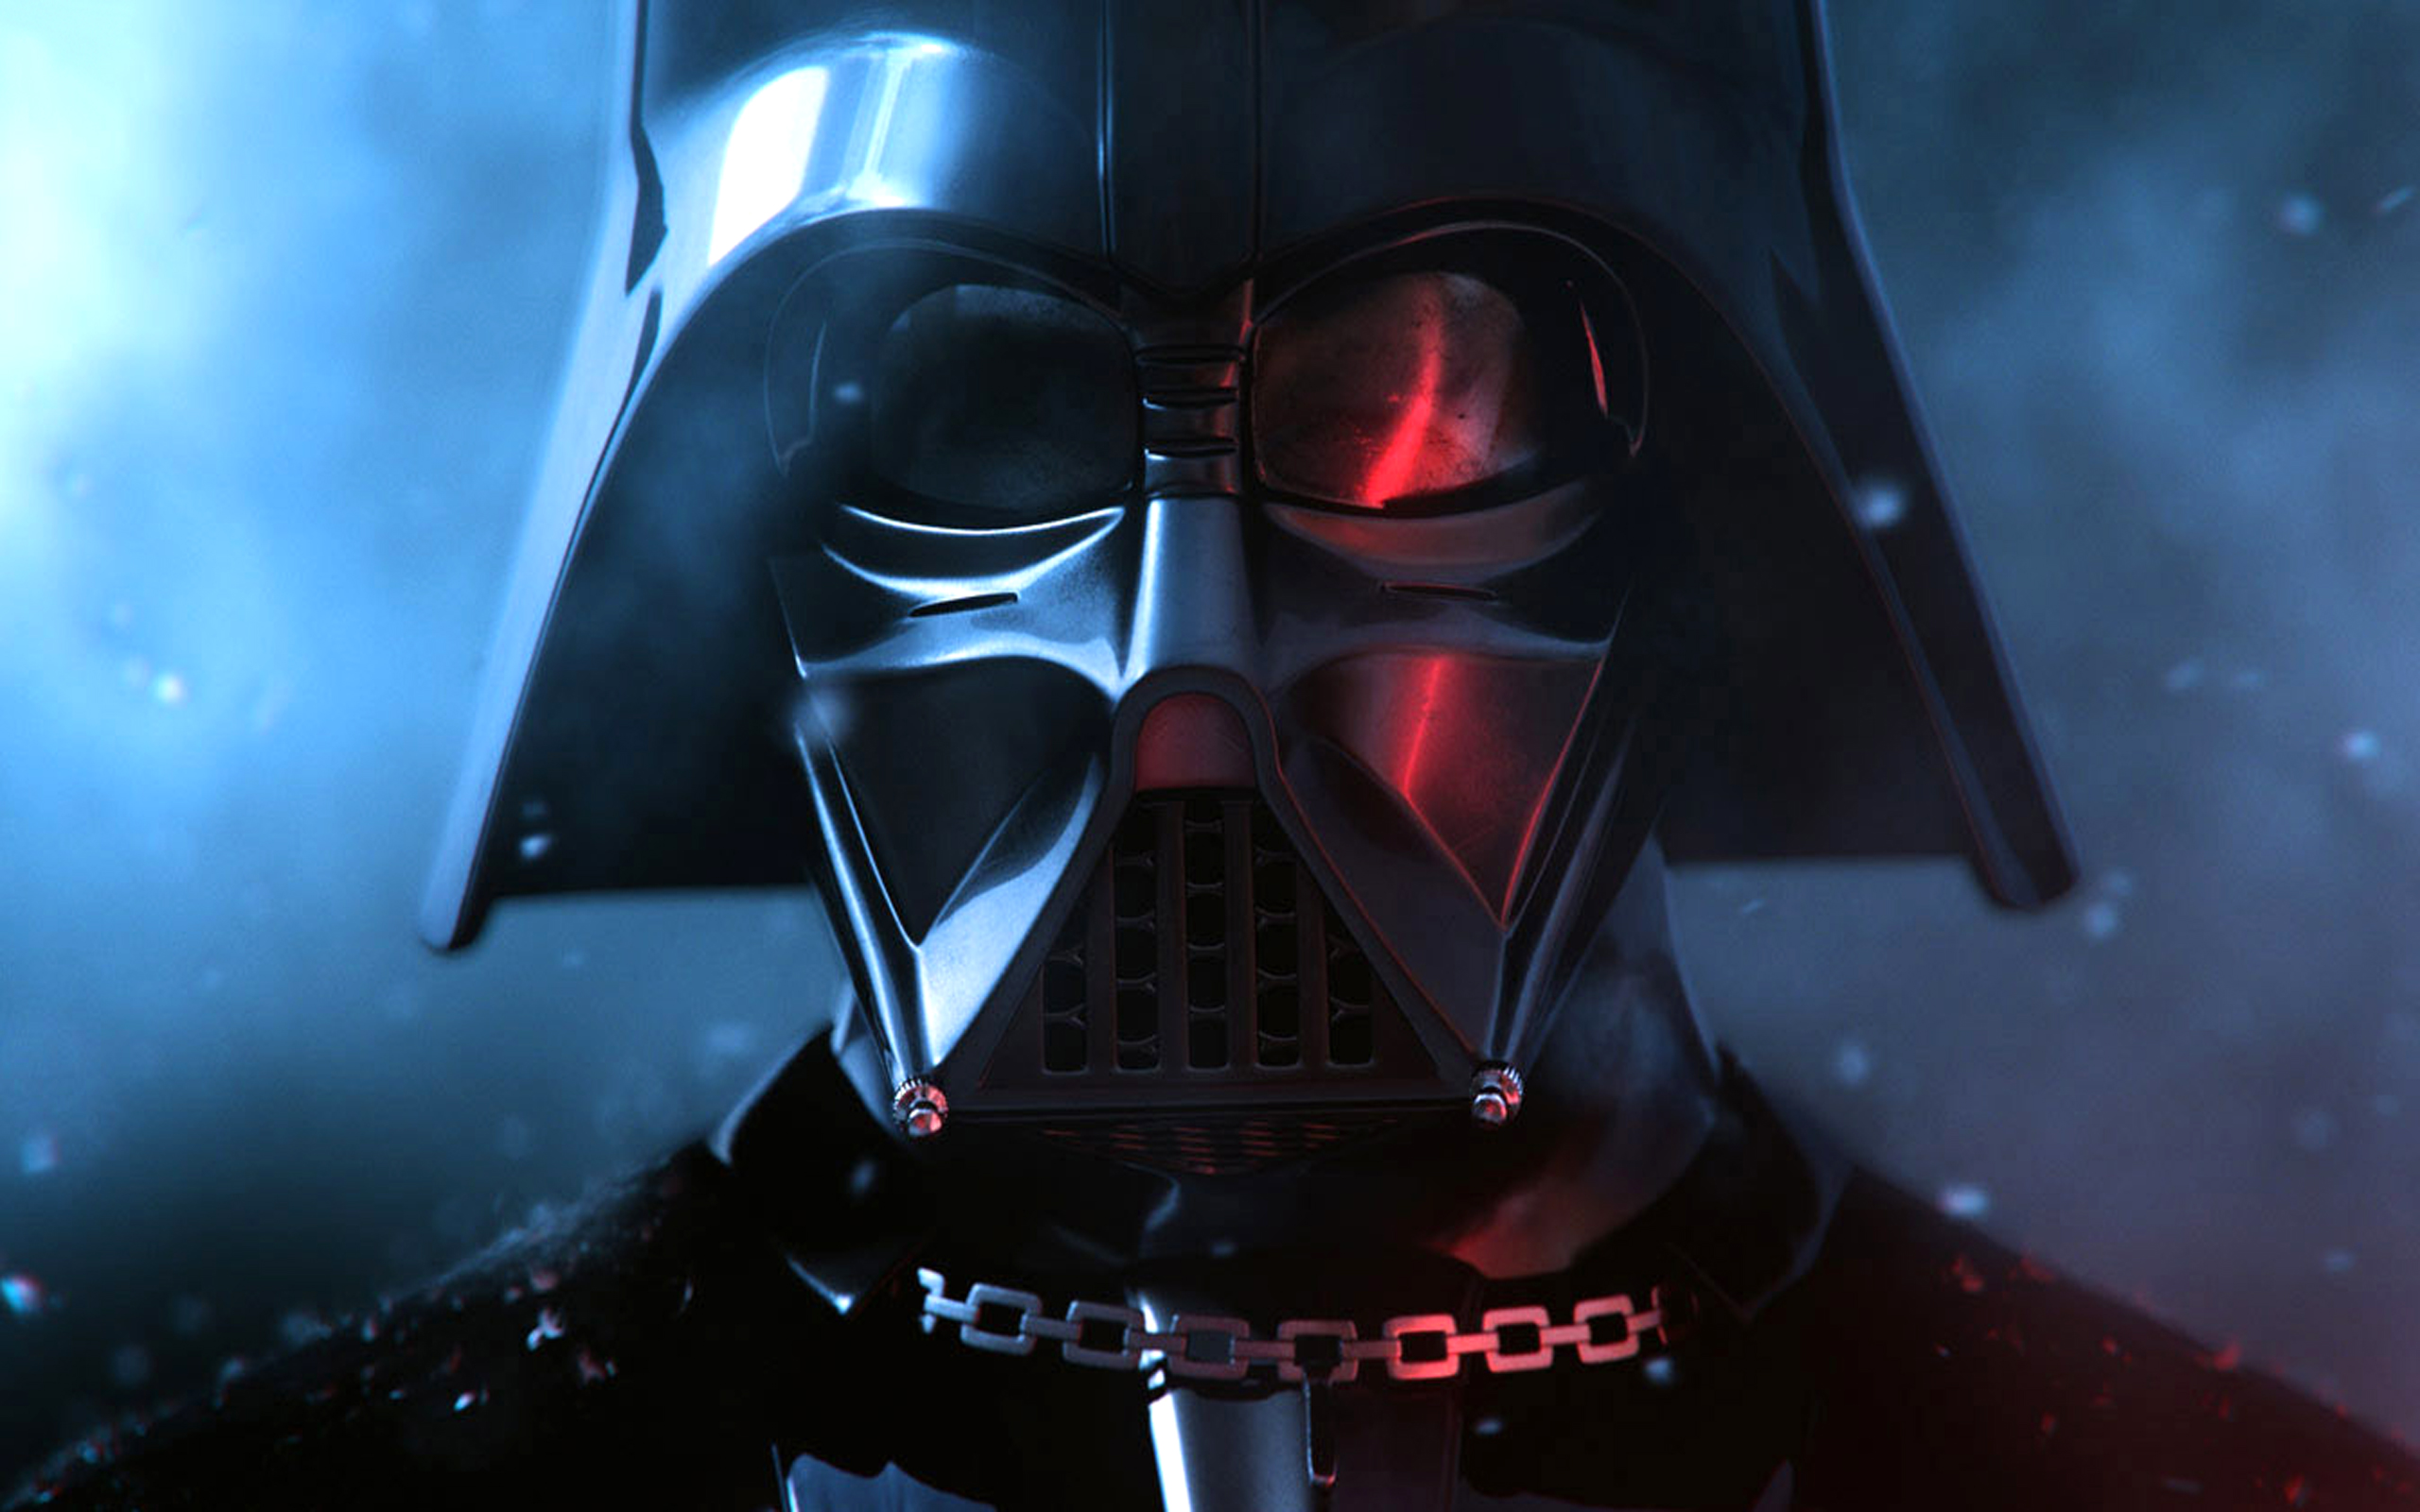 Darth Vader Wallpaper A color